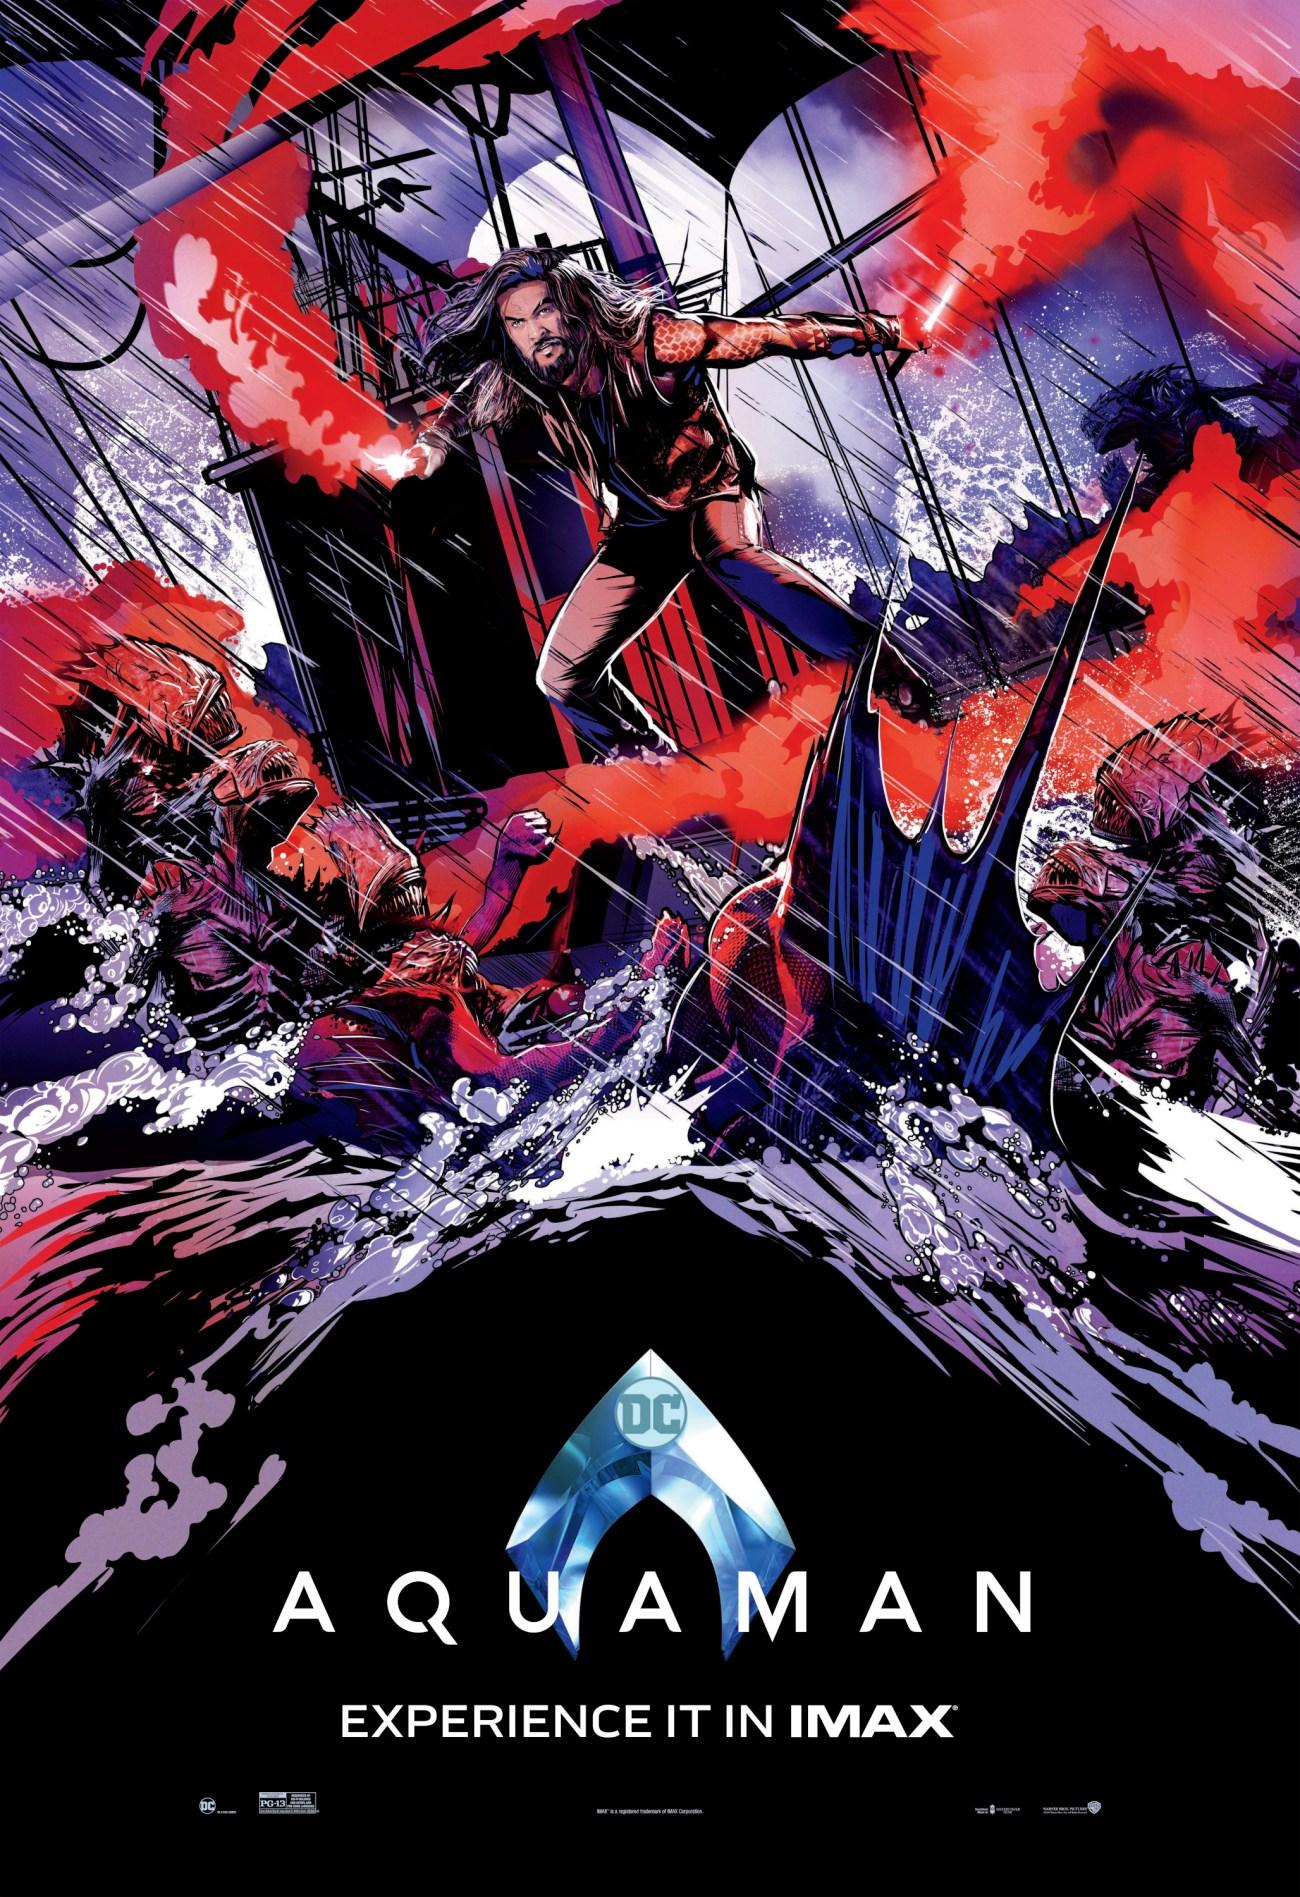 Póster IMAX de Aquaman (2018). Imagen: impawards.com